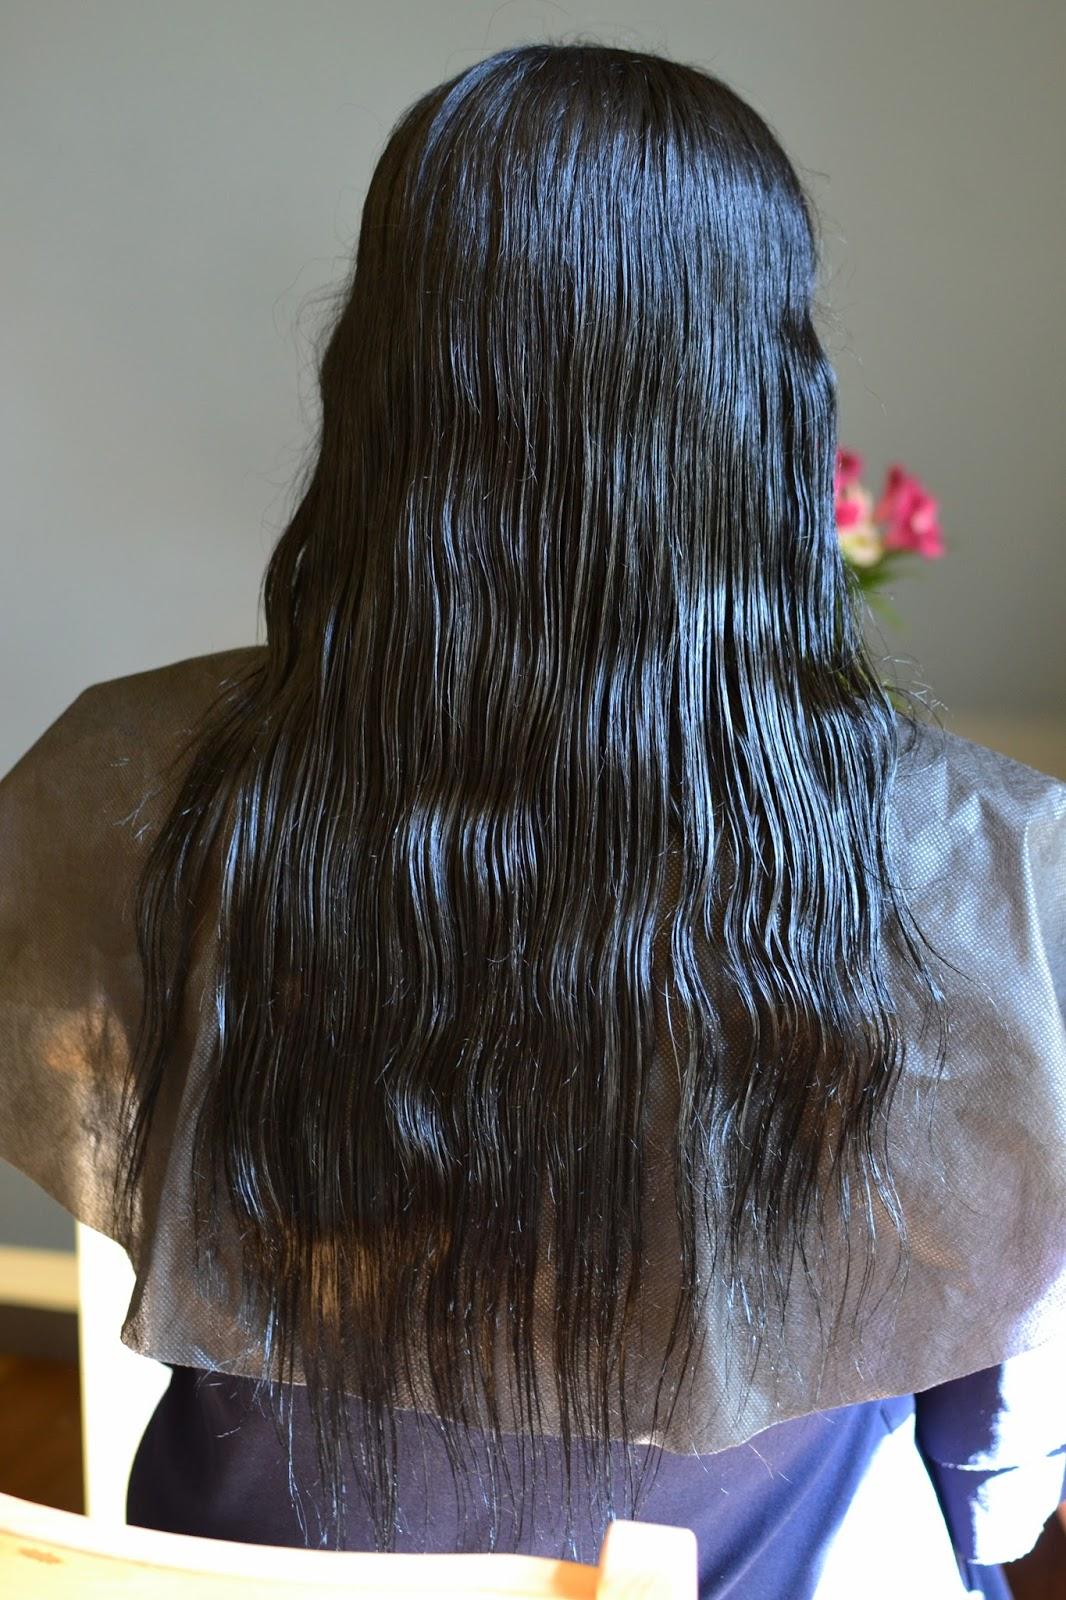 wykruszające się końcówki włosów